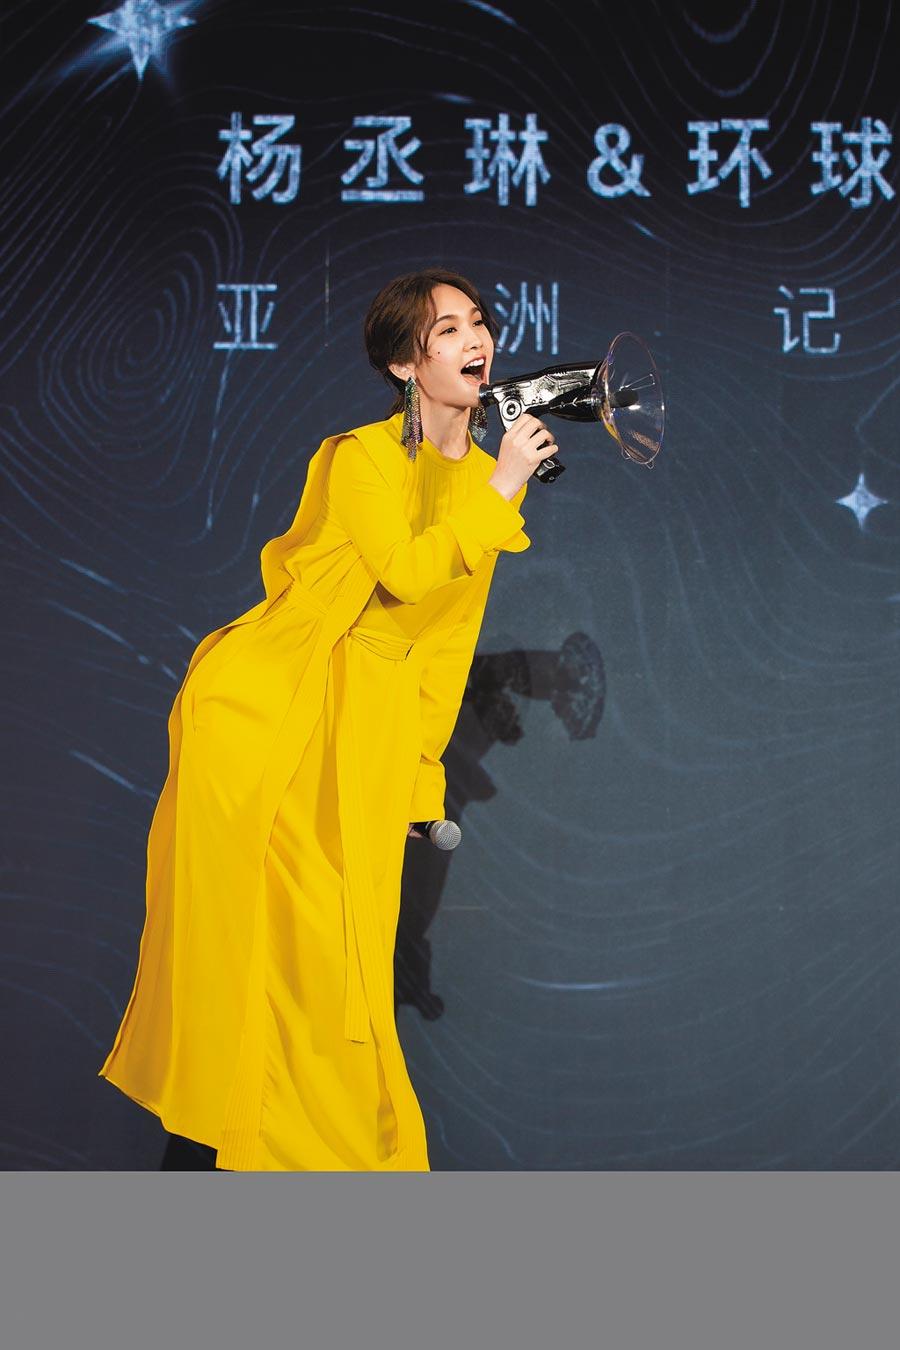 楊丞琳昨收唱片公司贈送的聲音收集器。